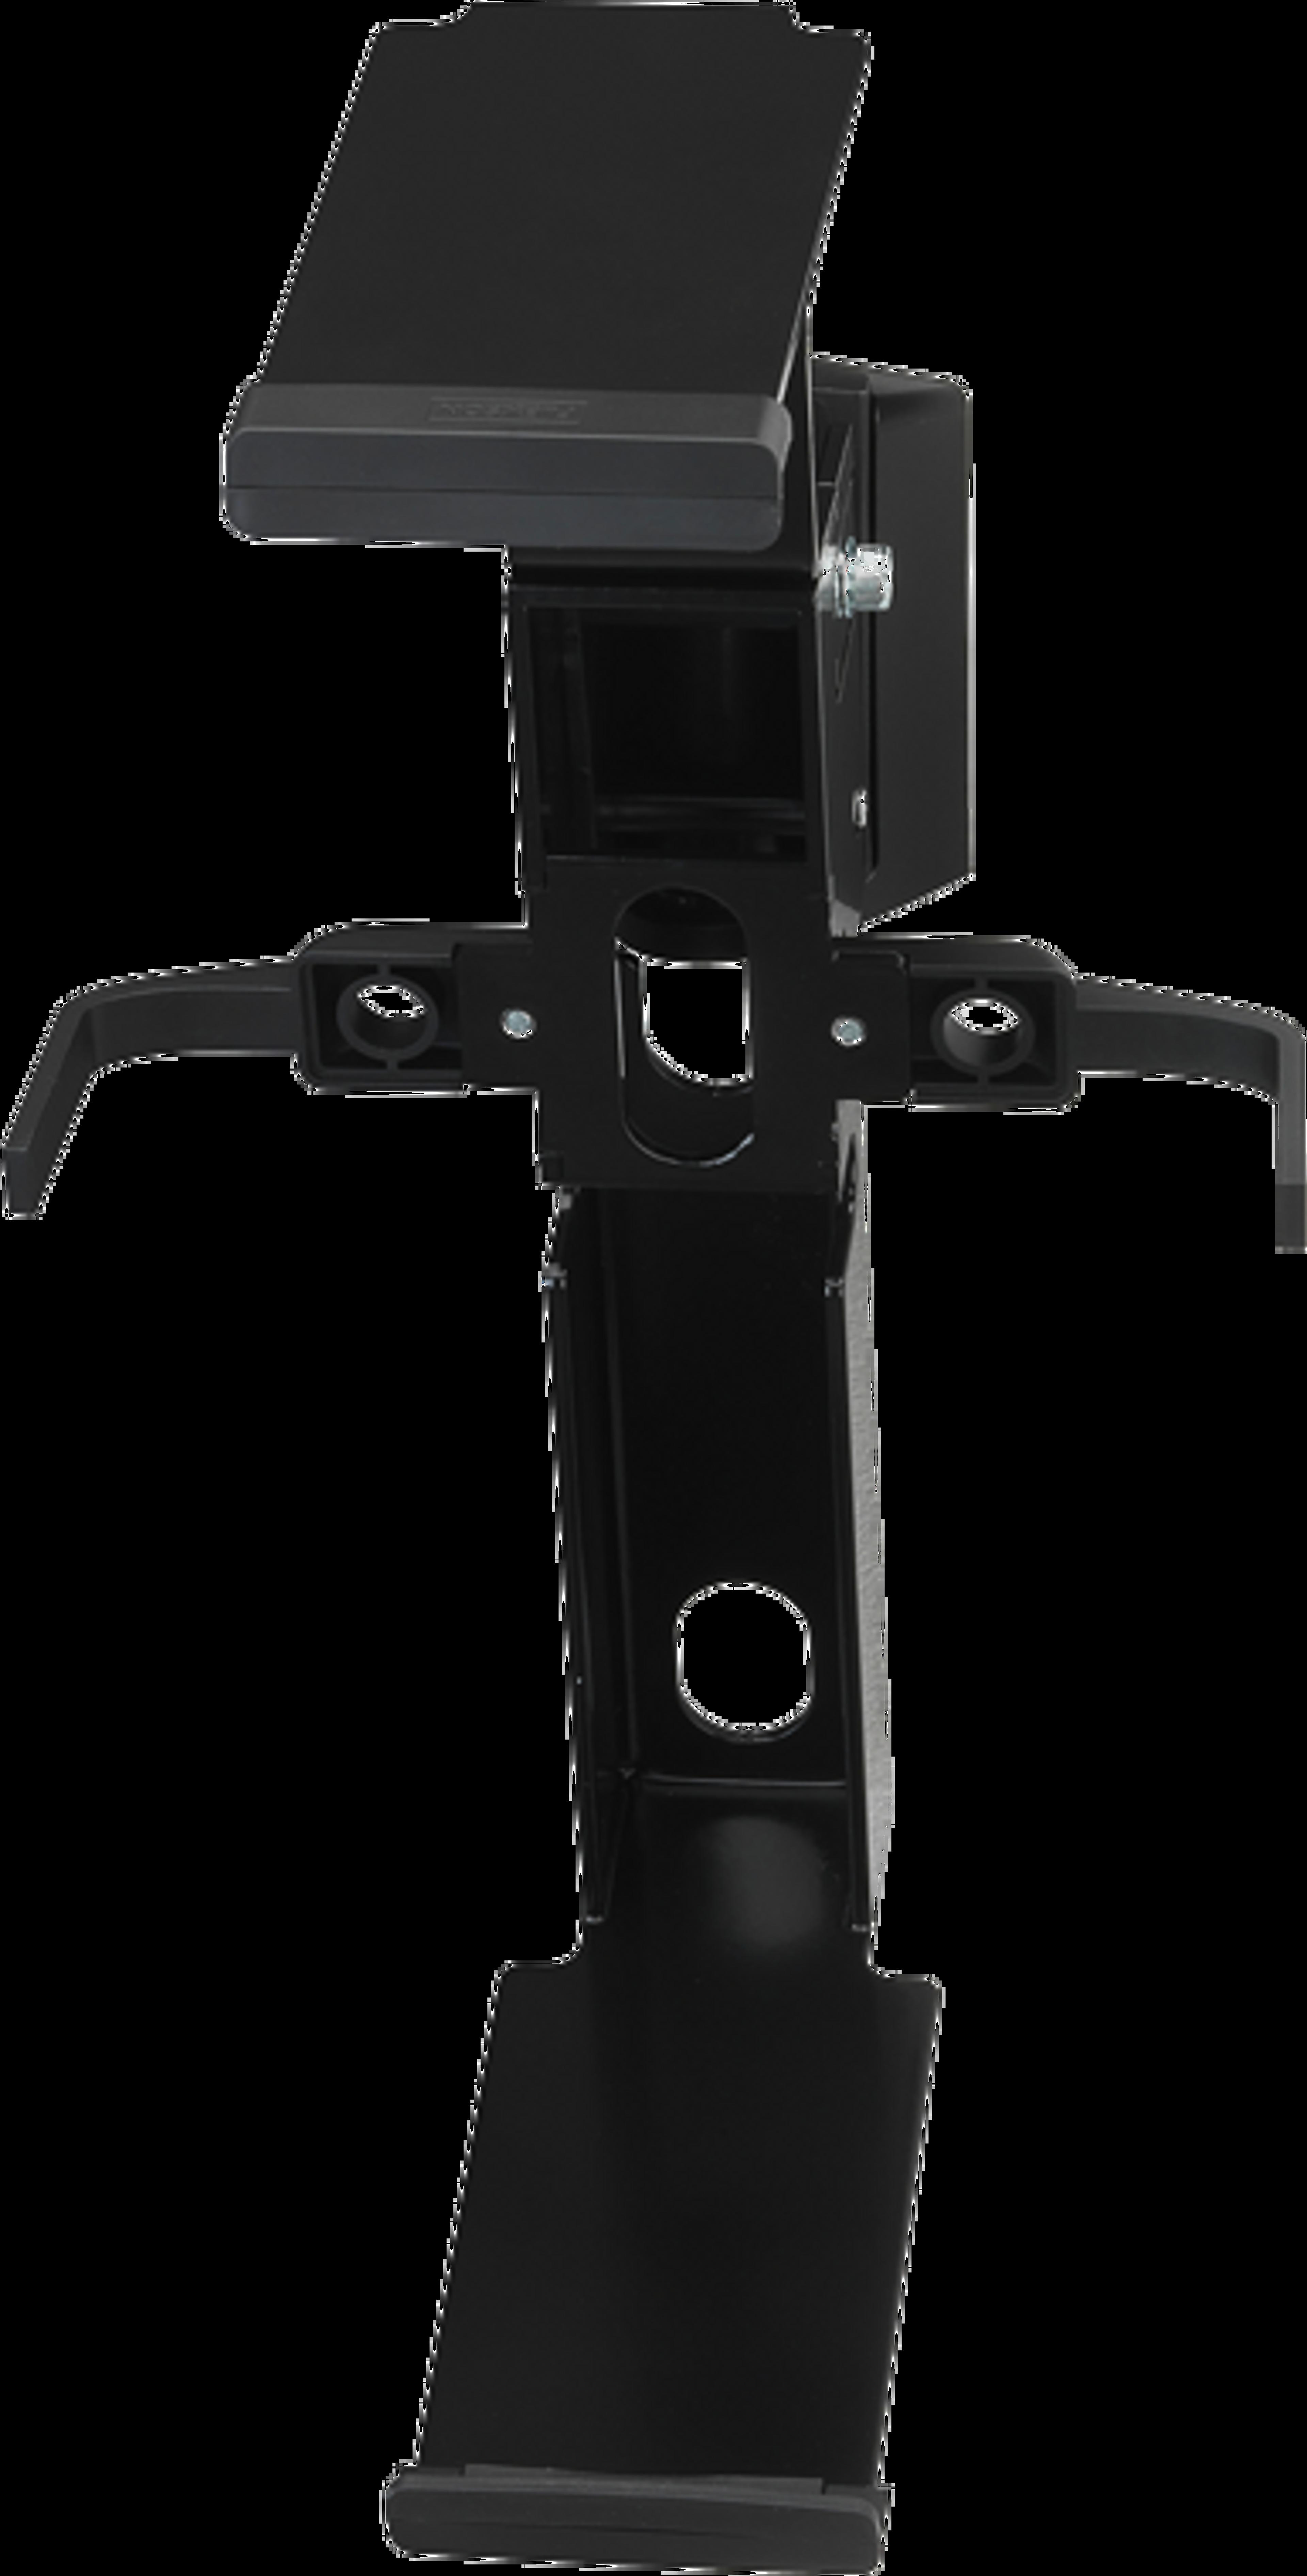 Flexson Mount Five vertical empty black